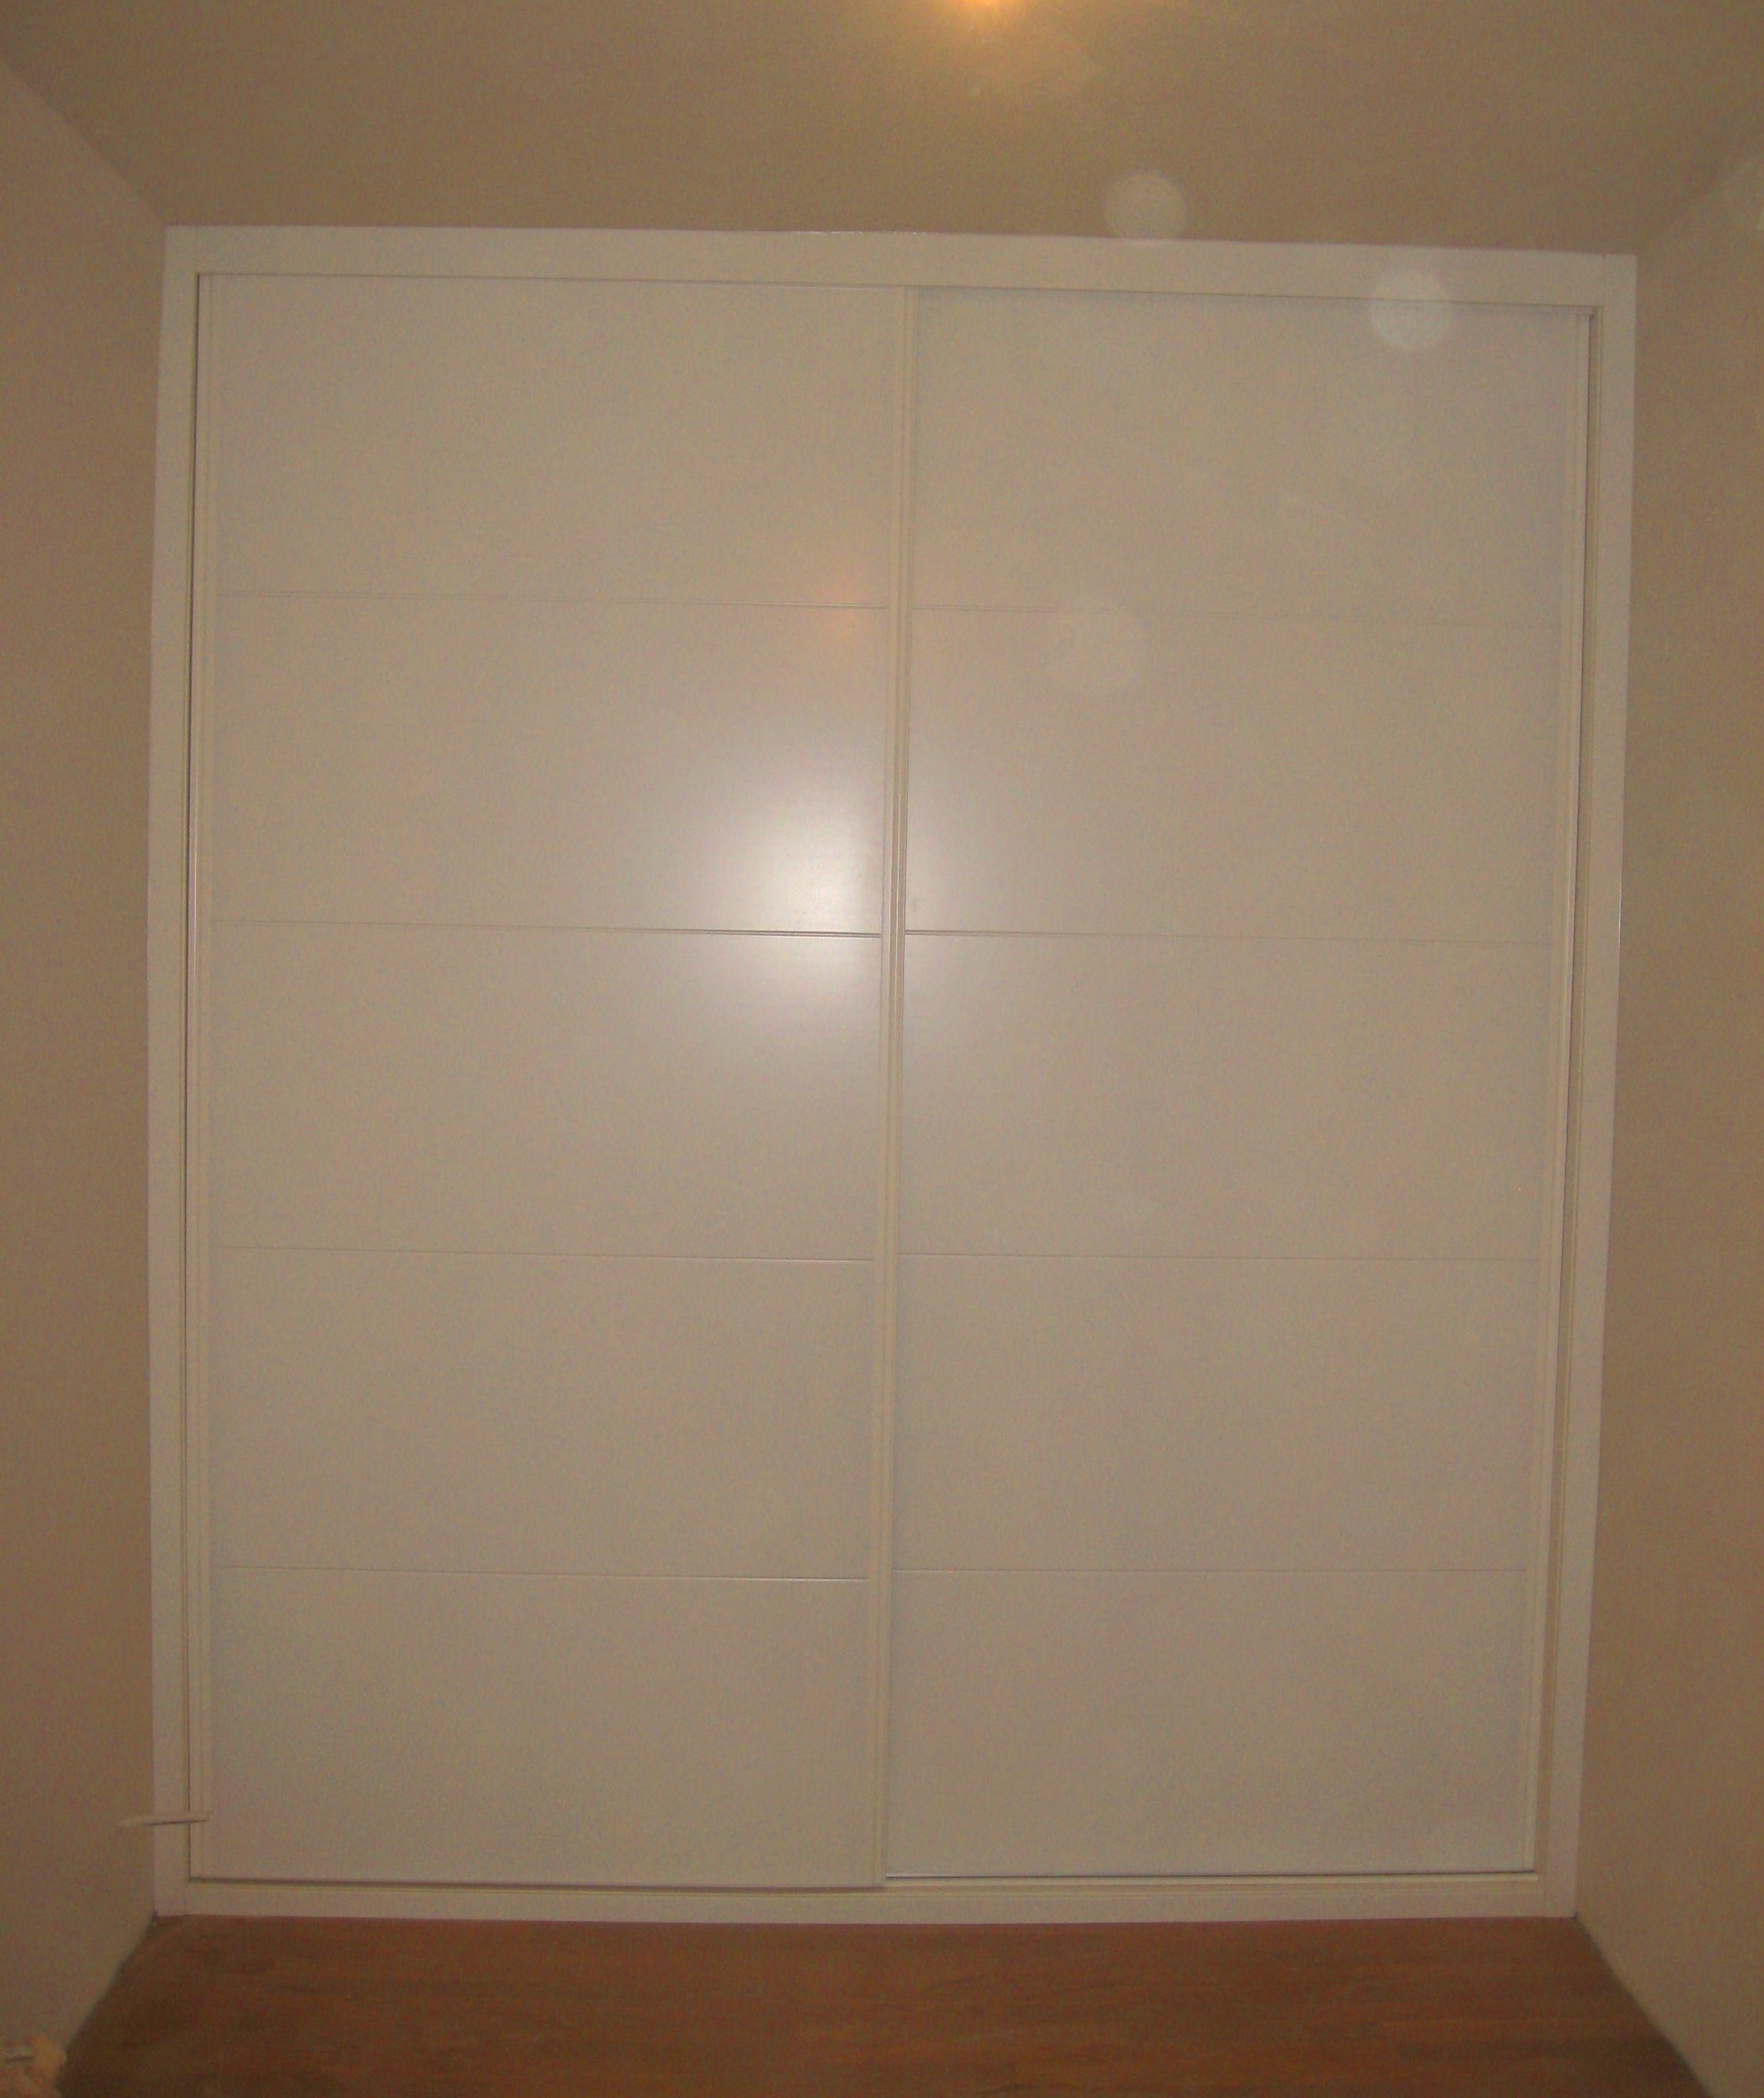 Frente de armario lacado en blanco mod. 9005 con perfil tirador de aluminio color blanco.